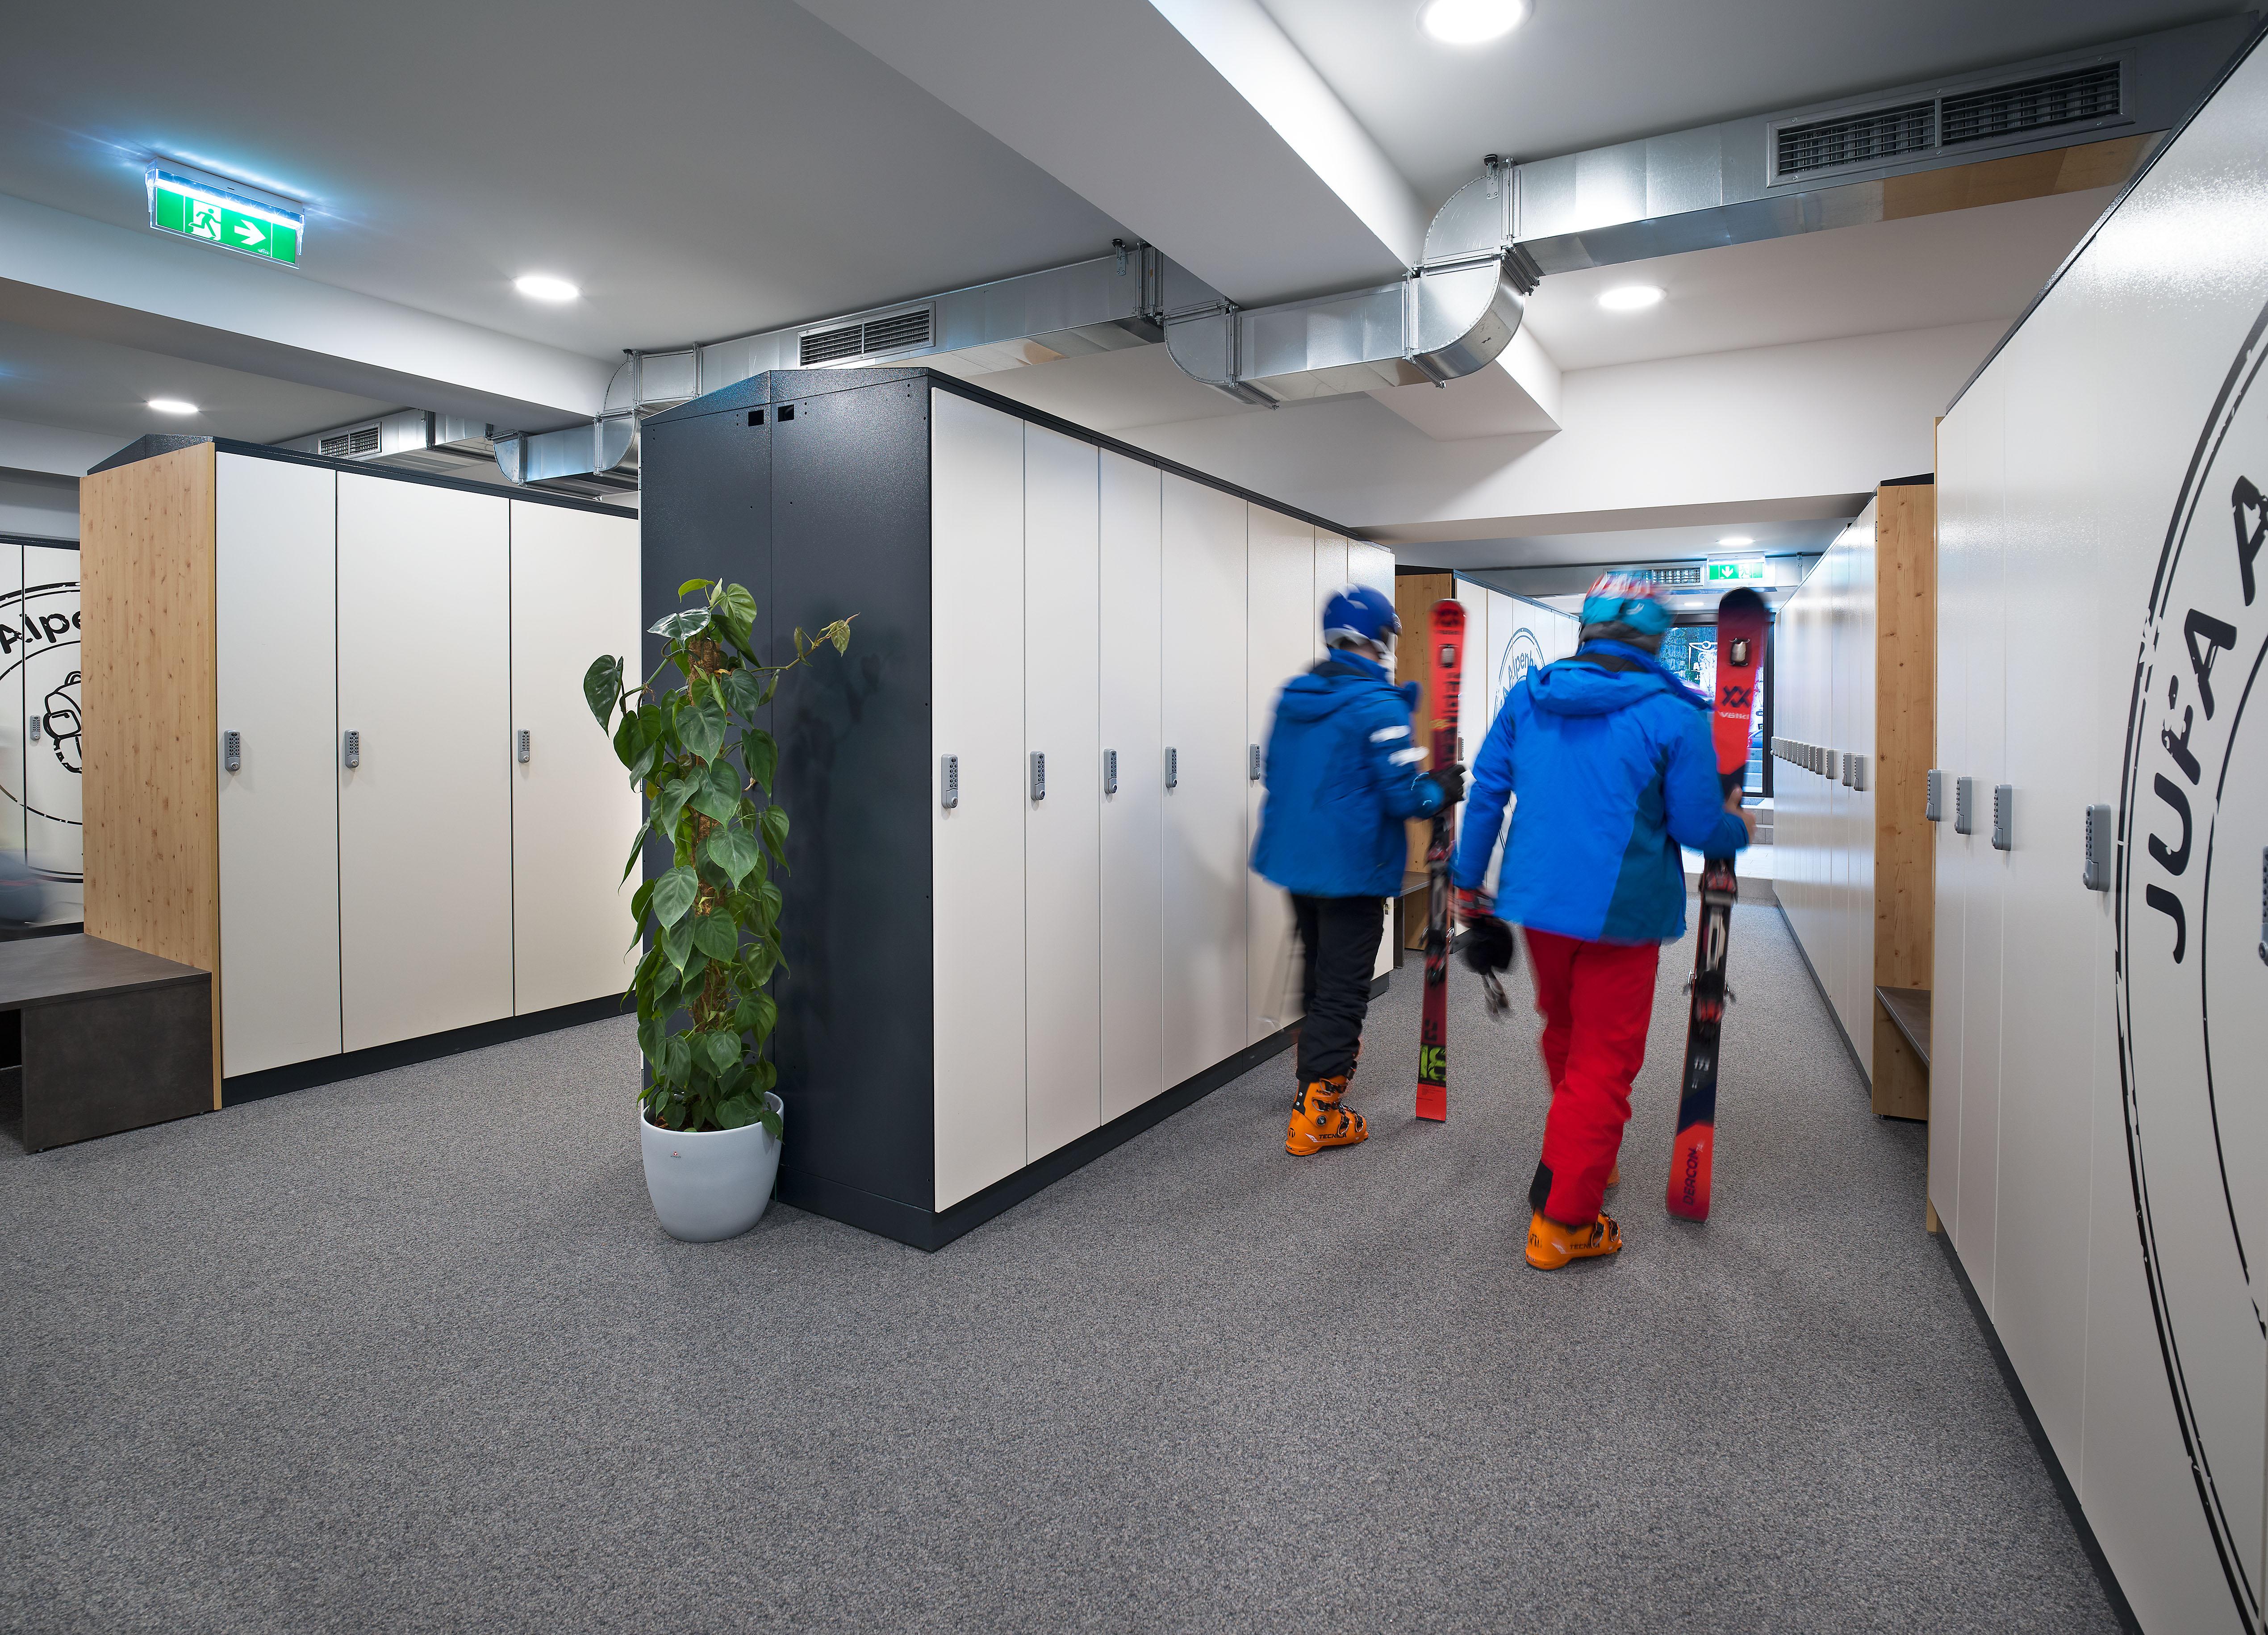 Sie sehen Skifahrer im Skikeller des JUFA Alpenhotel Saalbach****. Der Ort für erholsamen Familienurlaub und einen unvergesslichen Winterurlaub.